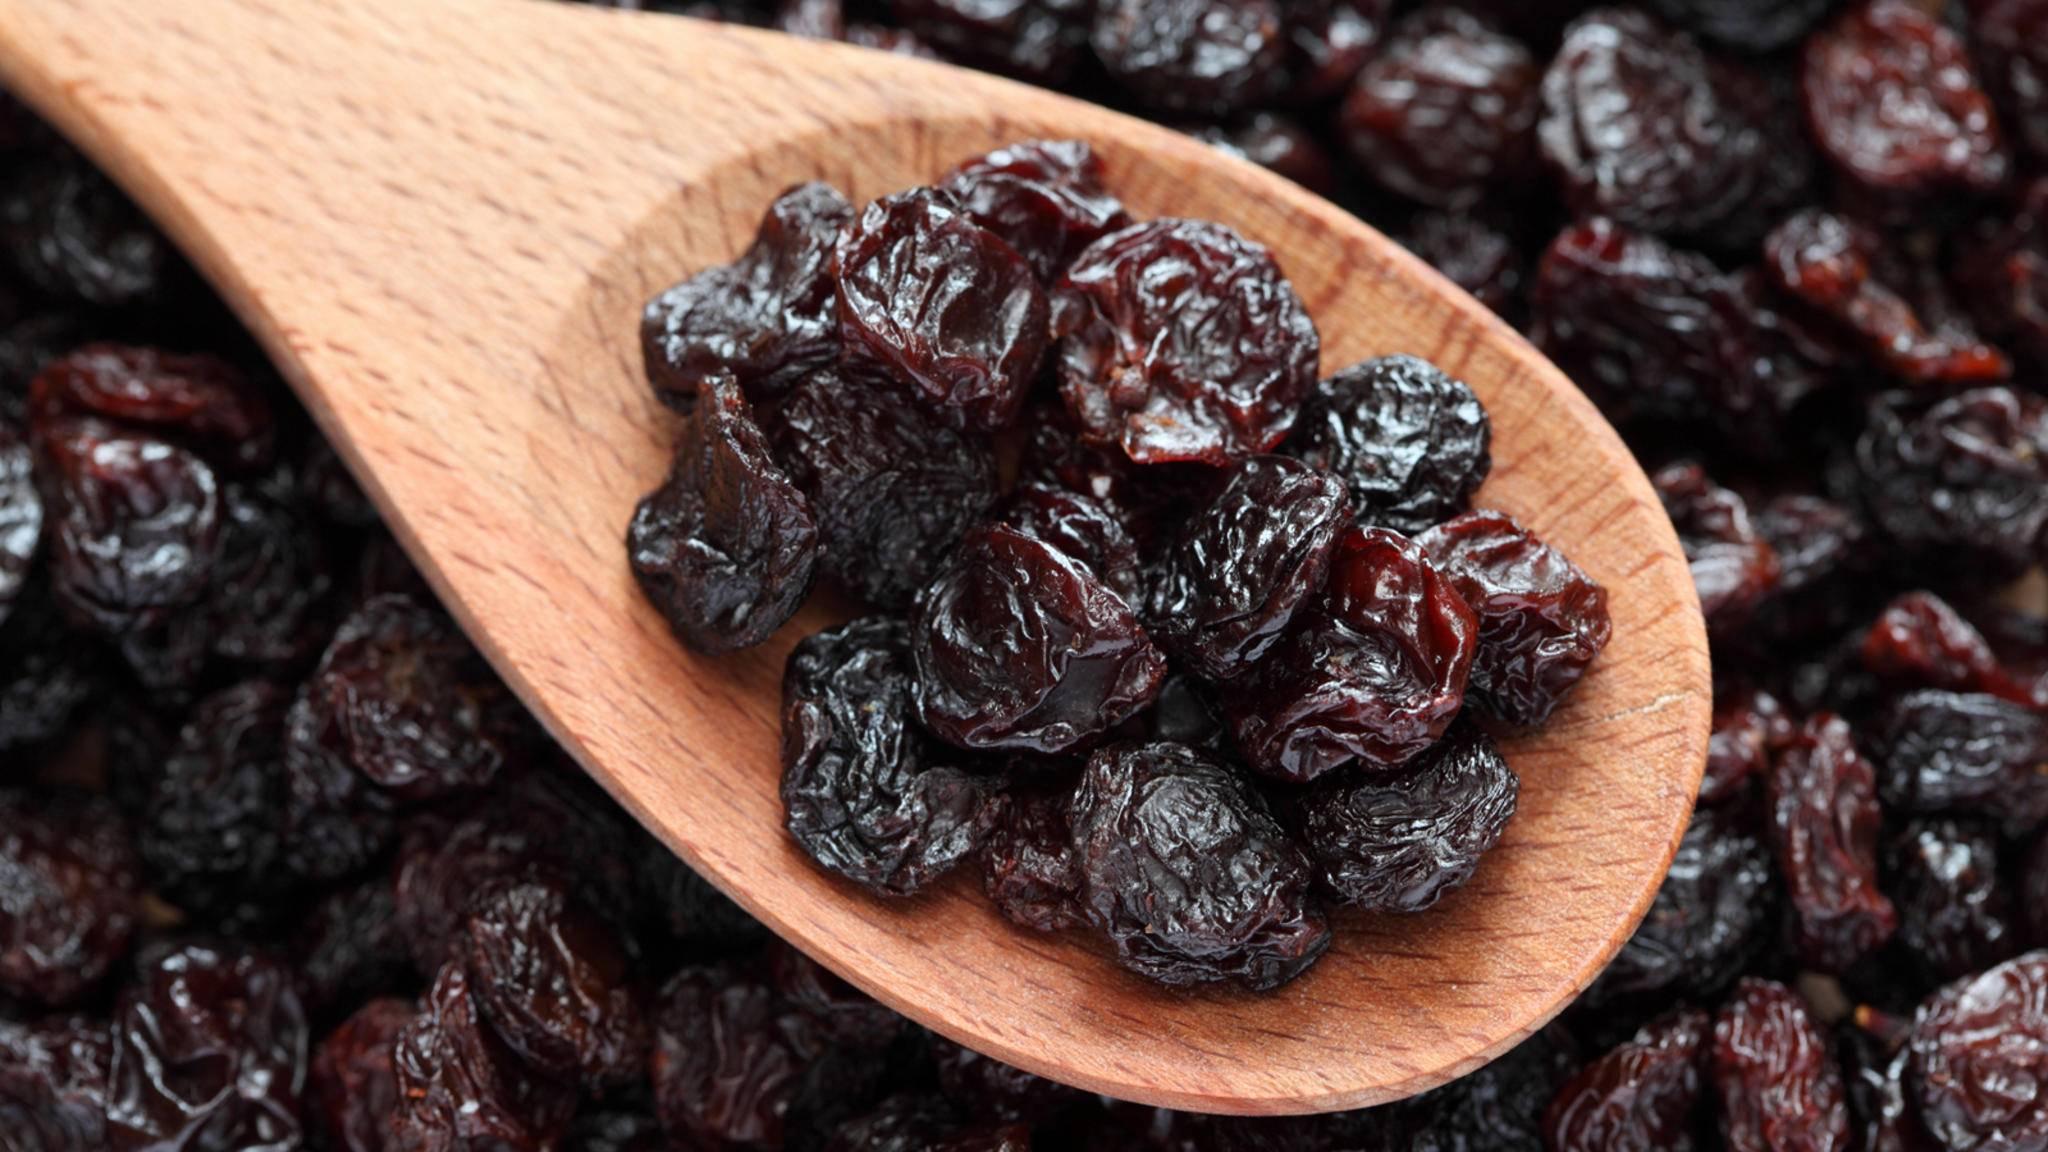 Rosinen können helfen, das achtsame Essen zu üben.